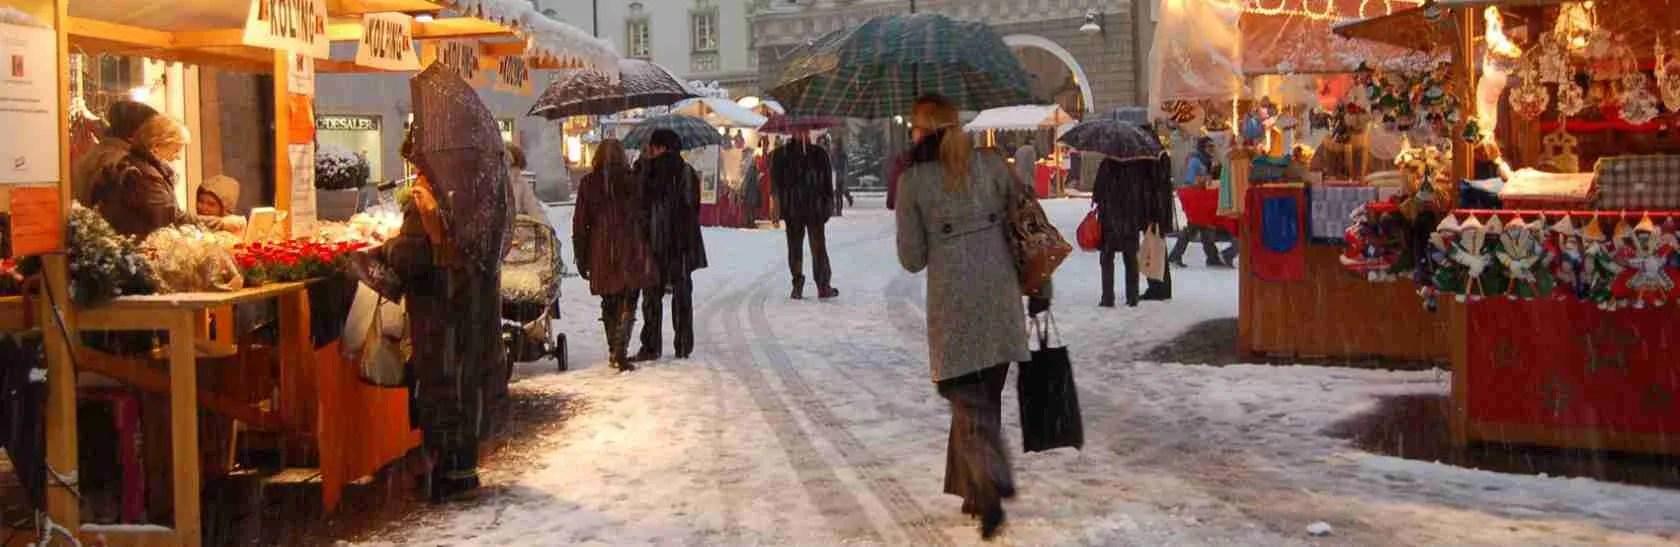 Una passeggiata con una escort Bolzano tra i Mercatini di Natale della città di Bolzano è il sogno di molti uomini in carca di avventure erotiche.